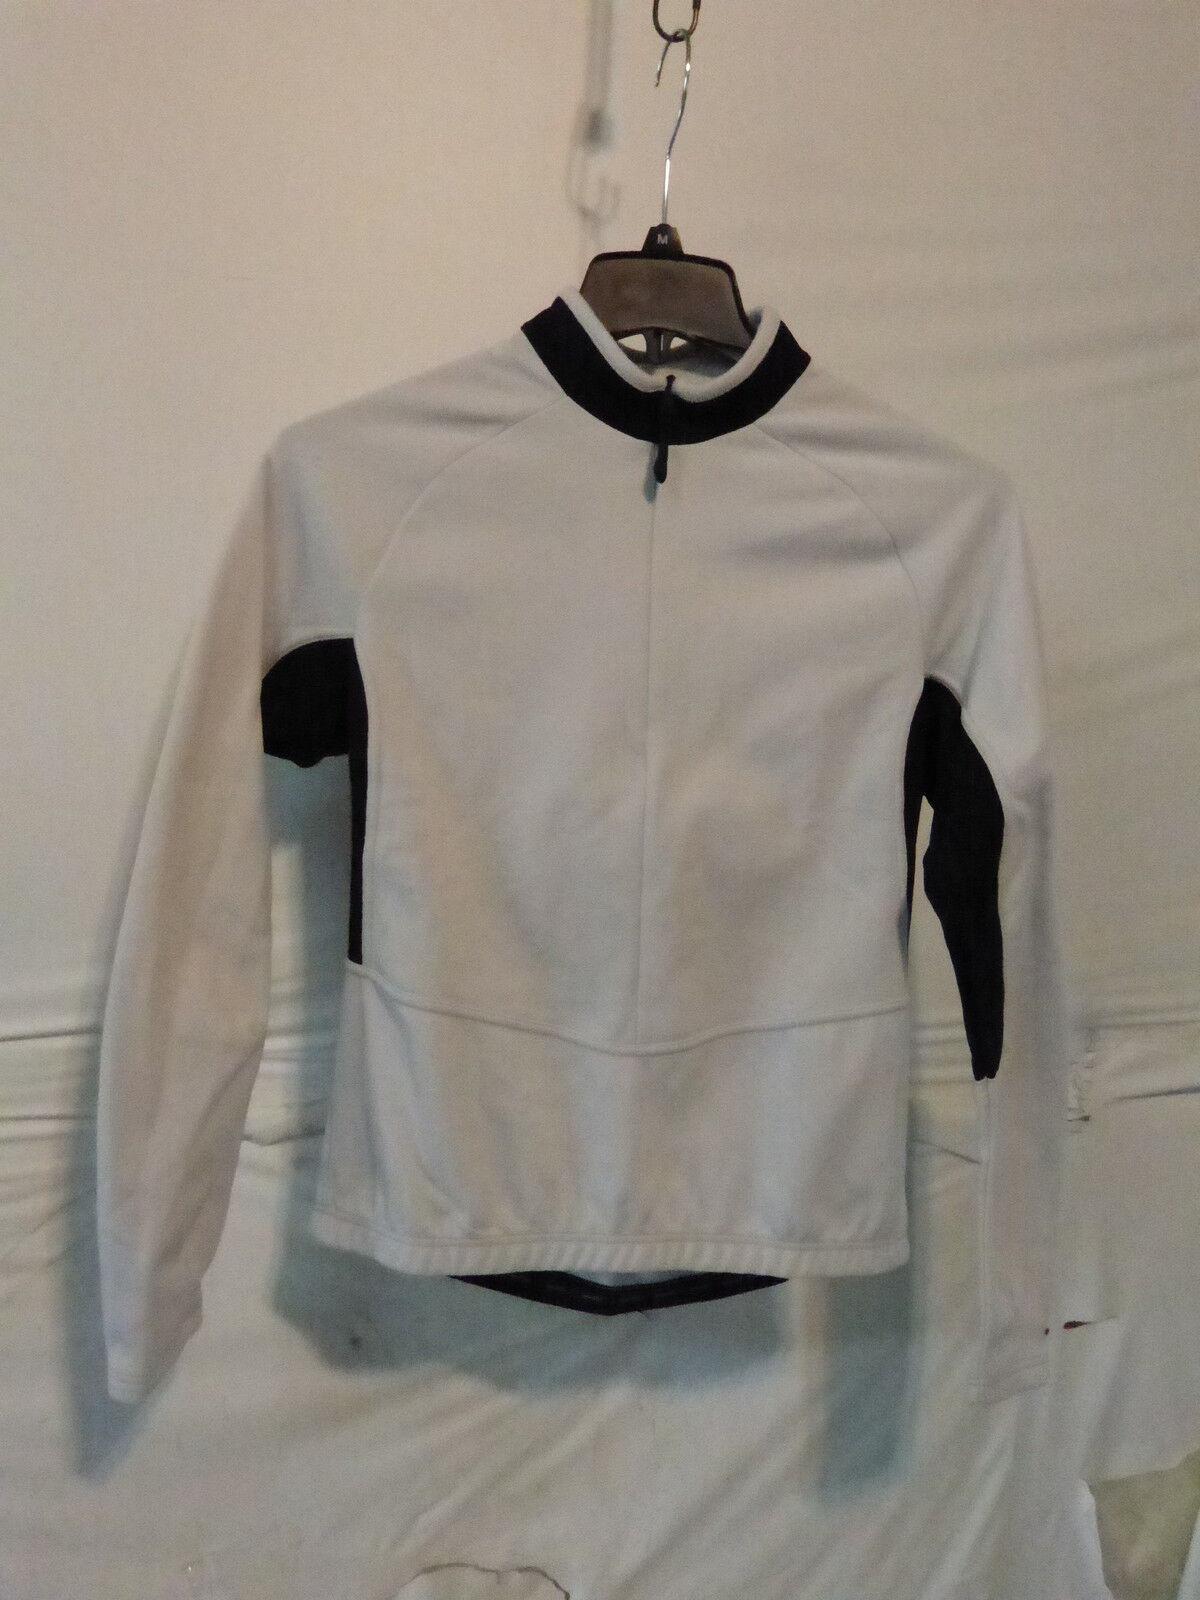 Sportful Para mujeres Mangas Largas Midweight Ciclismo Camiseta Pequeña blancoo Negro Ret  120